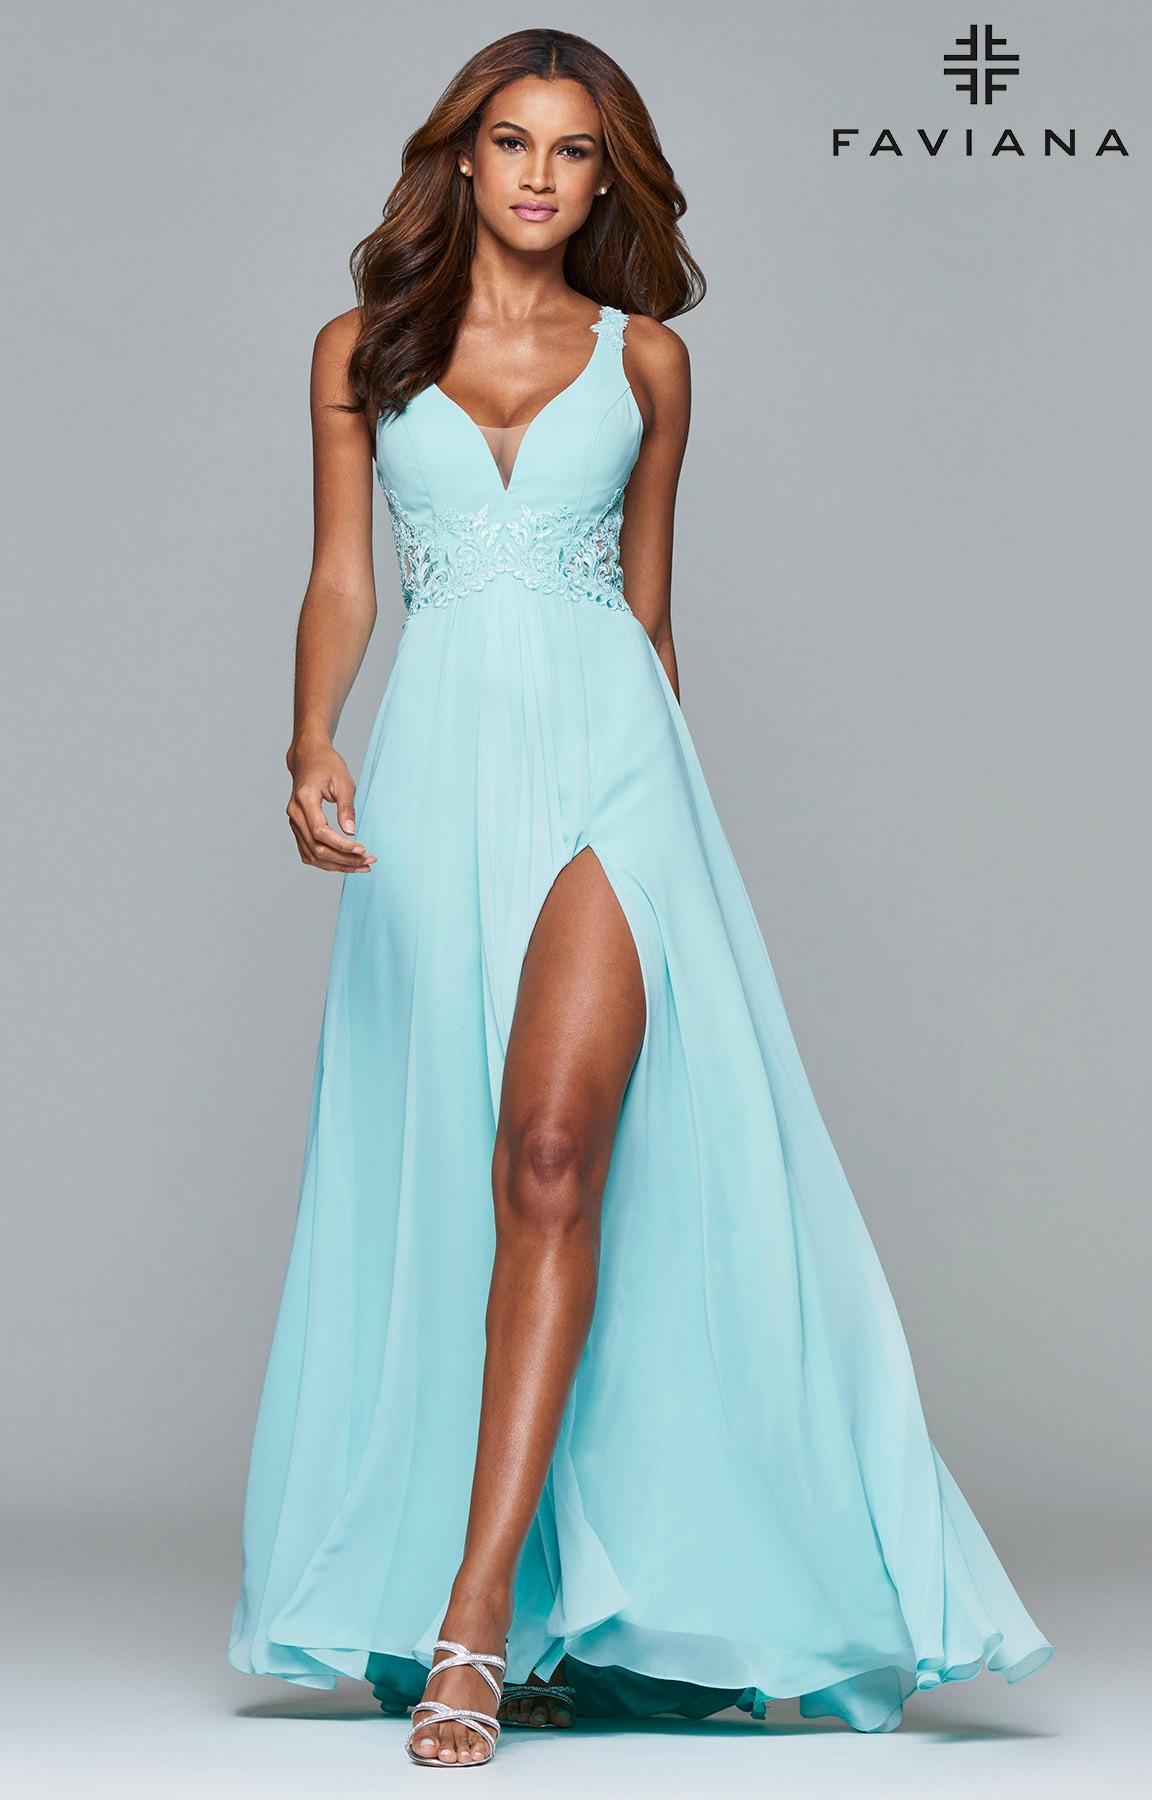 Faviana 7941 - Butterfly Wings Open Back Prom Dress